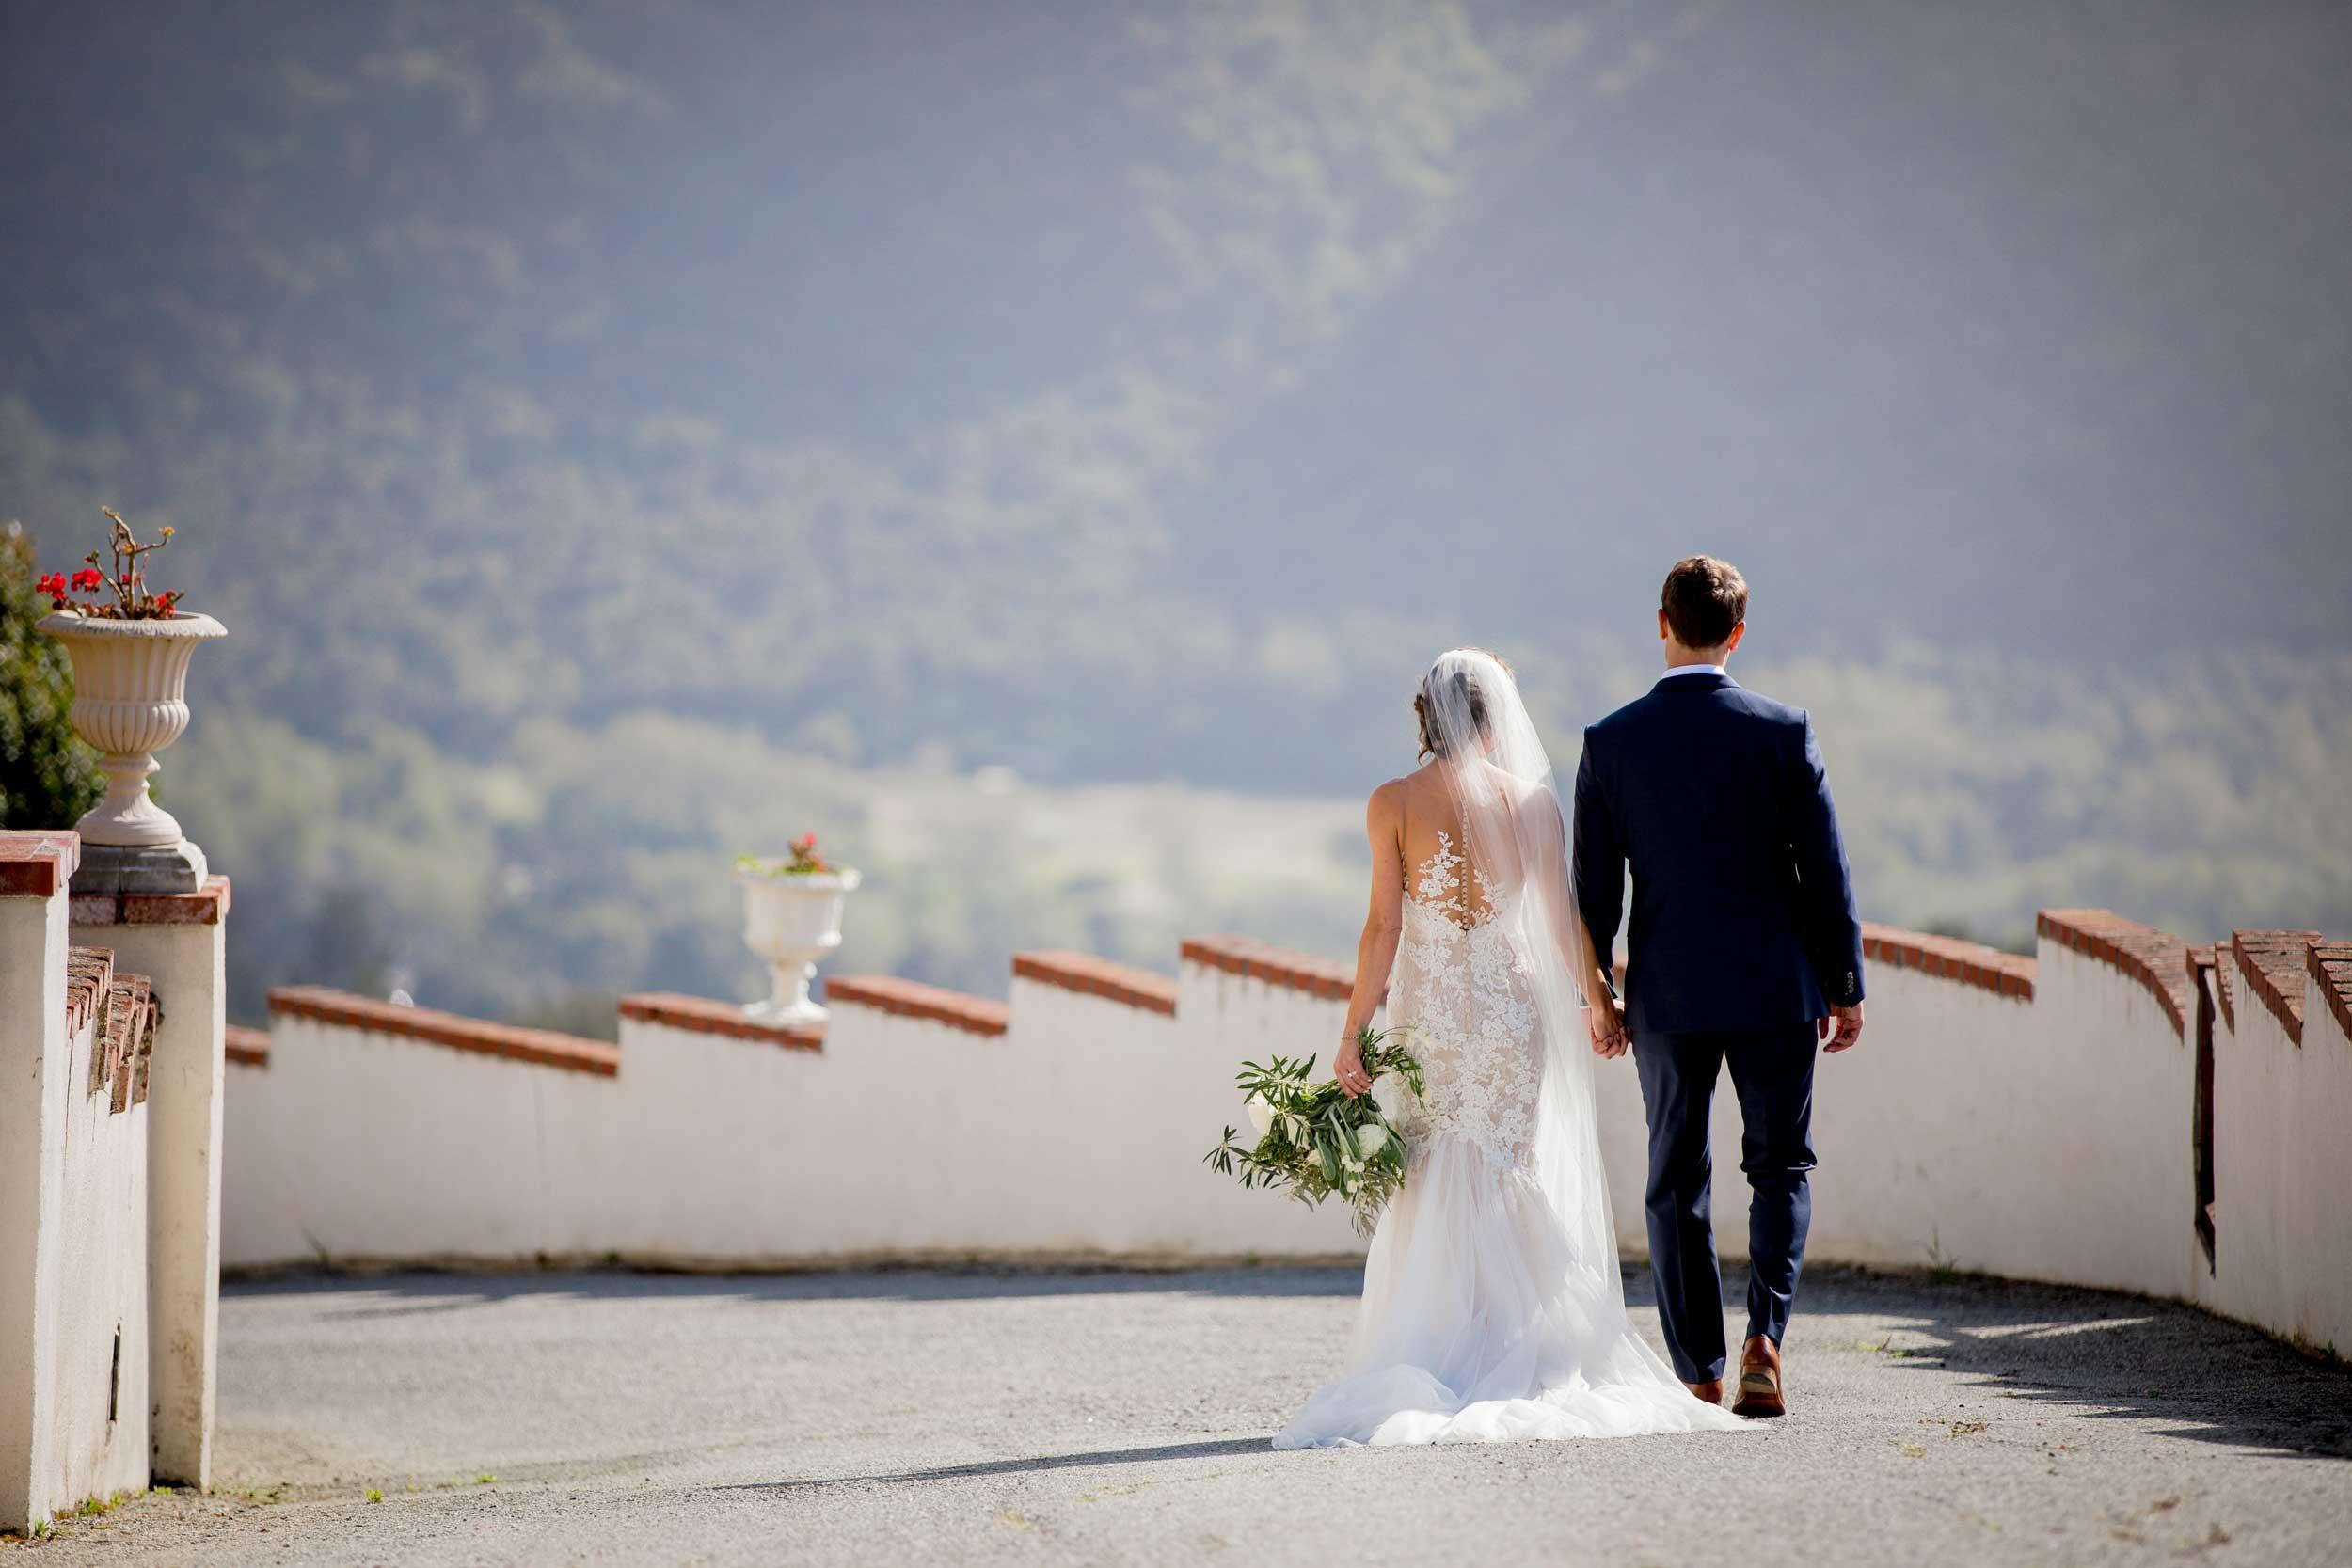 French Chateaux Carmel Wedding